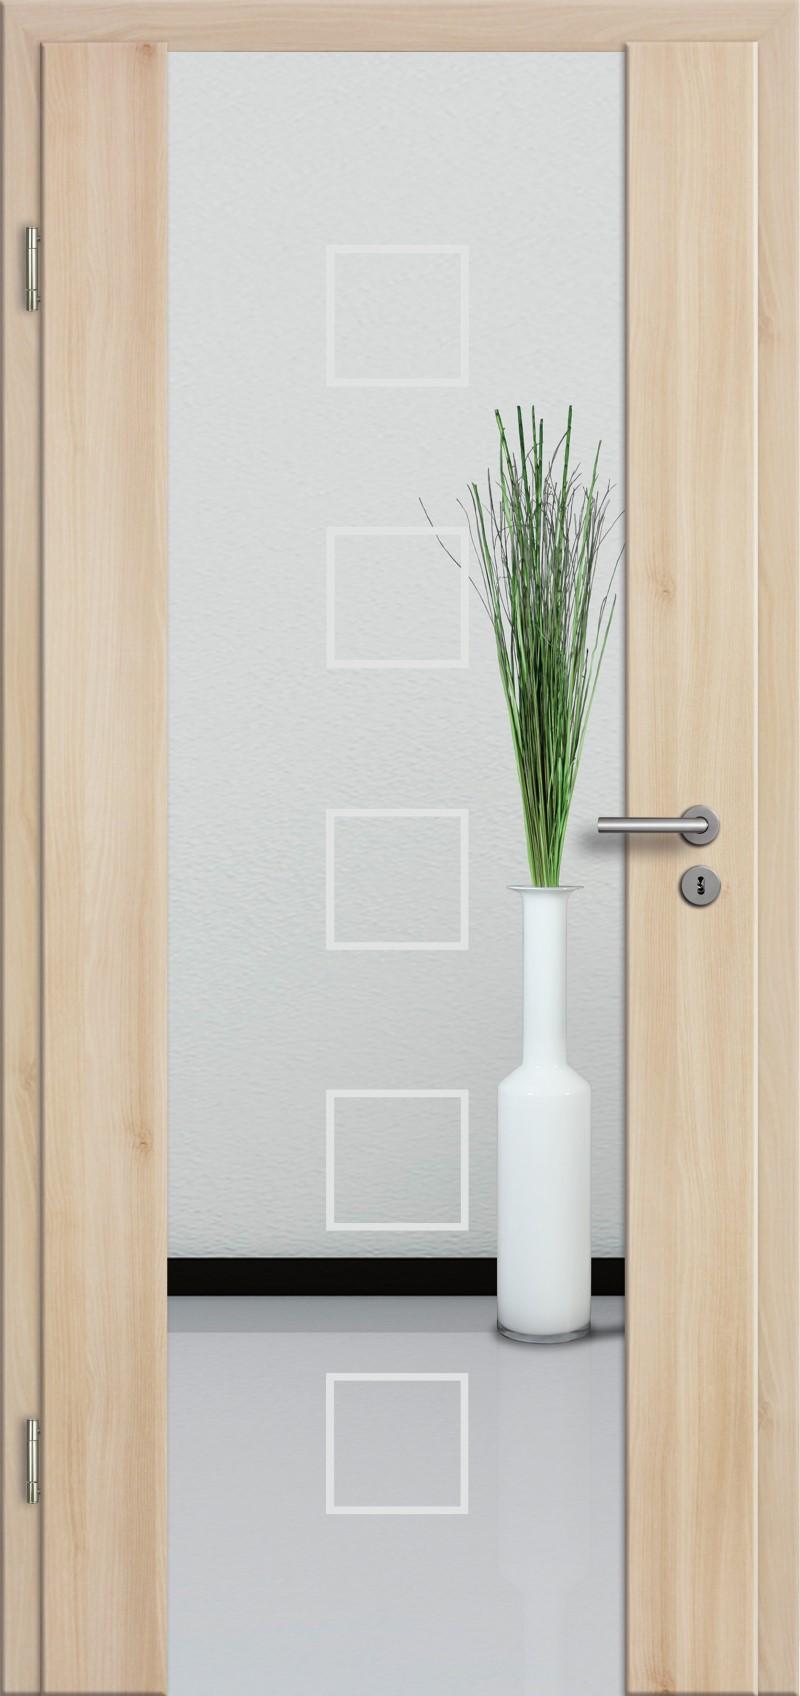 holzglast r mit glasmotiv sand 12 cpl. Black Bedroom Furniture Sets. Home Design Ideas